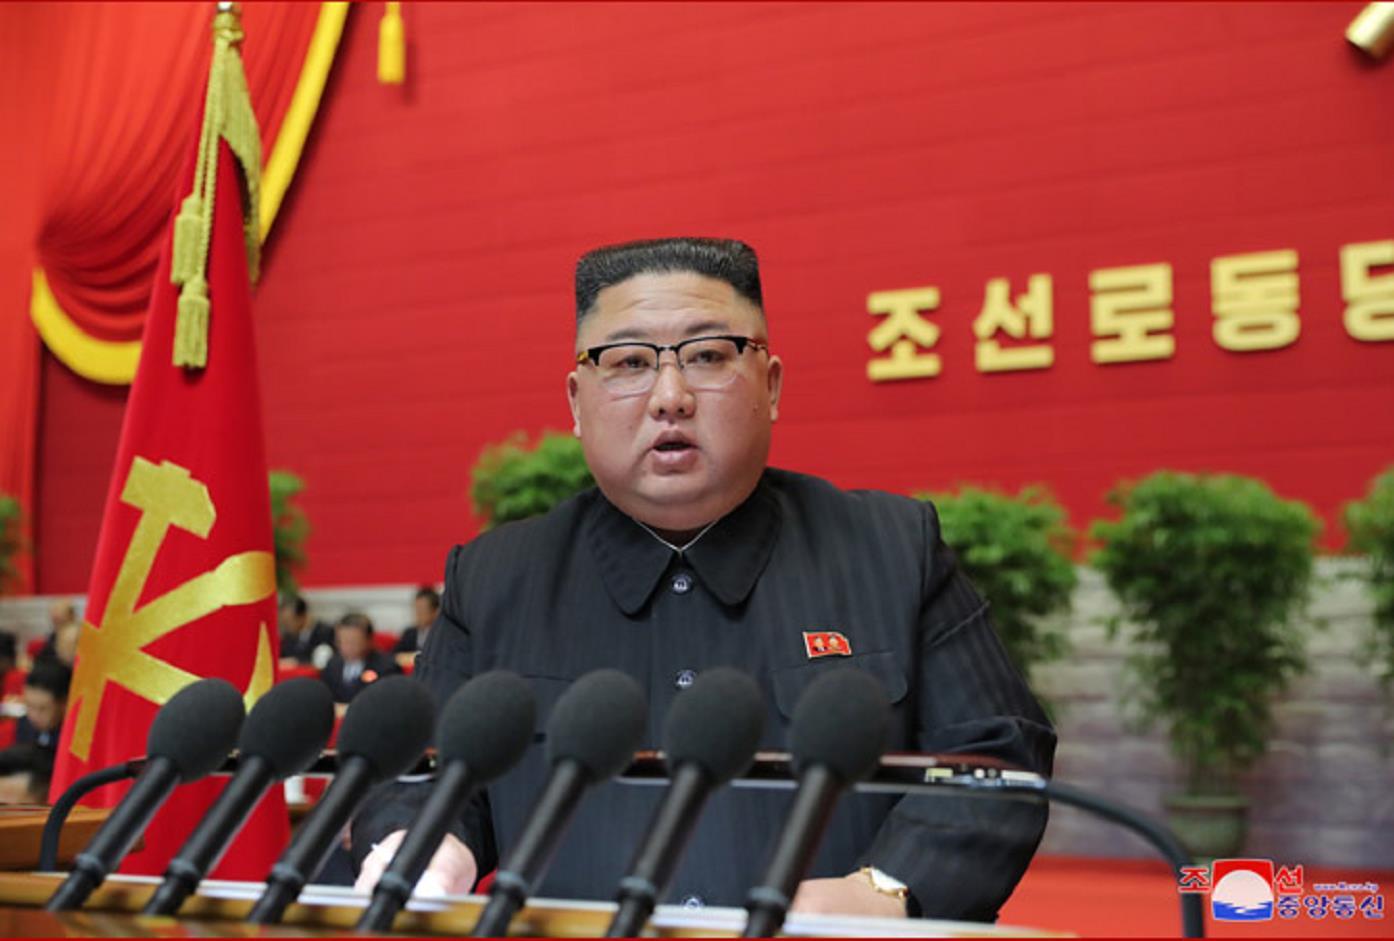 """【360诉腾讯垄断案】_朝韩领导人新年表态存""""温差"""",半岛局势恶化势头能否缓和?"""